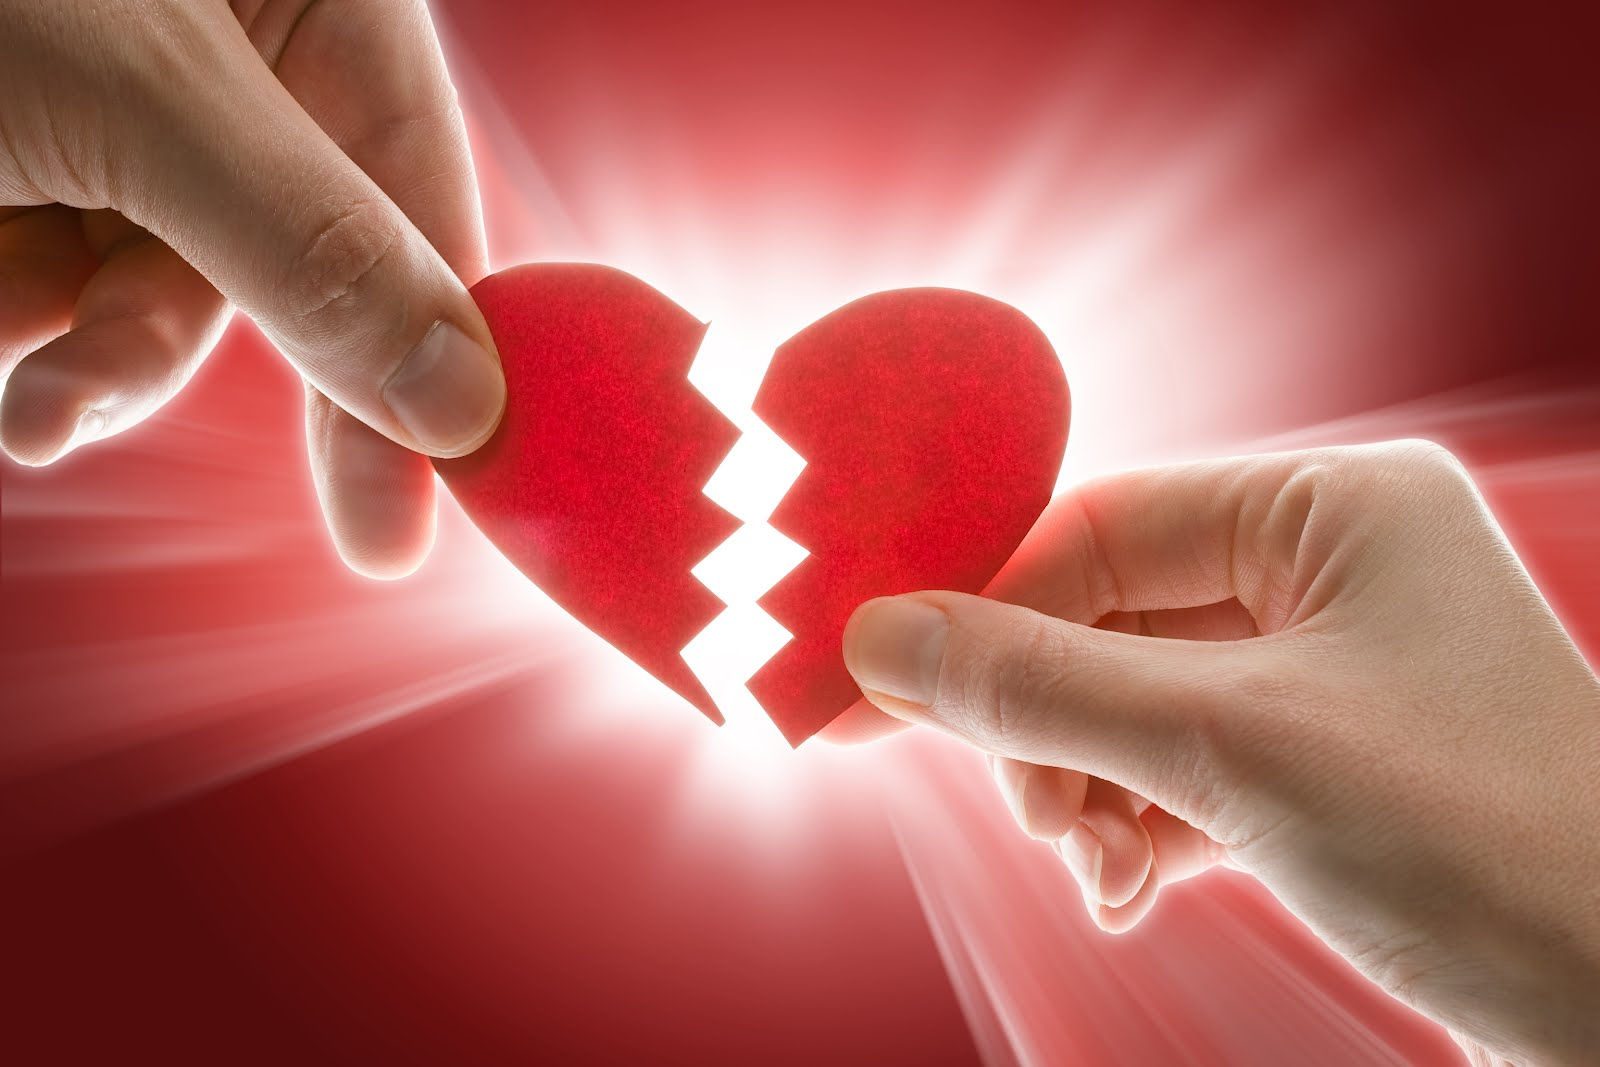 50 Kata Kata Patah Hati Dan Kecewa Terhadap Pacar SEPOSITIF